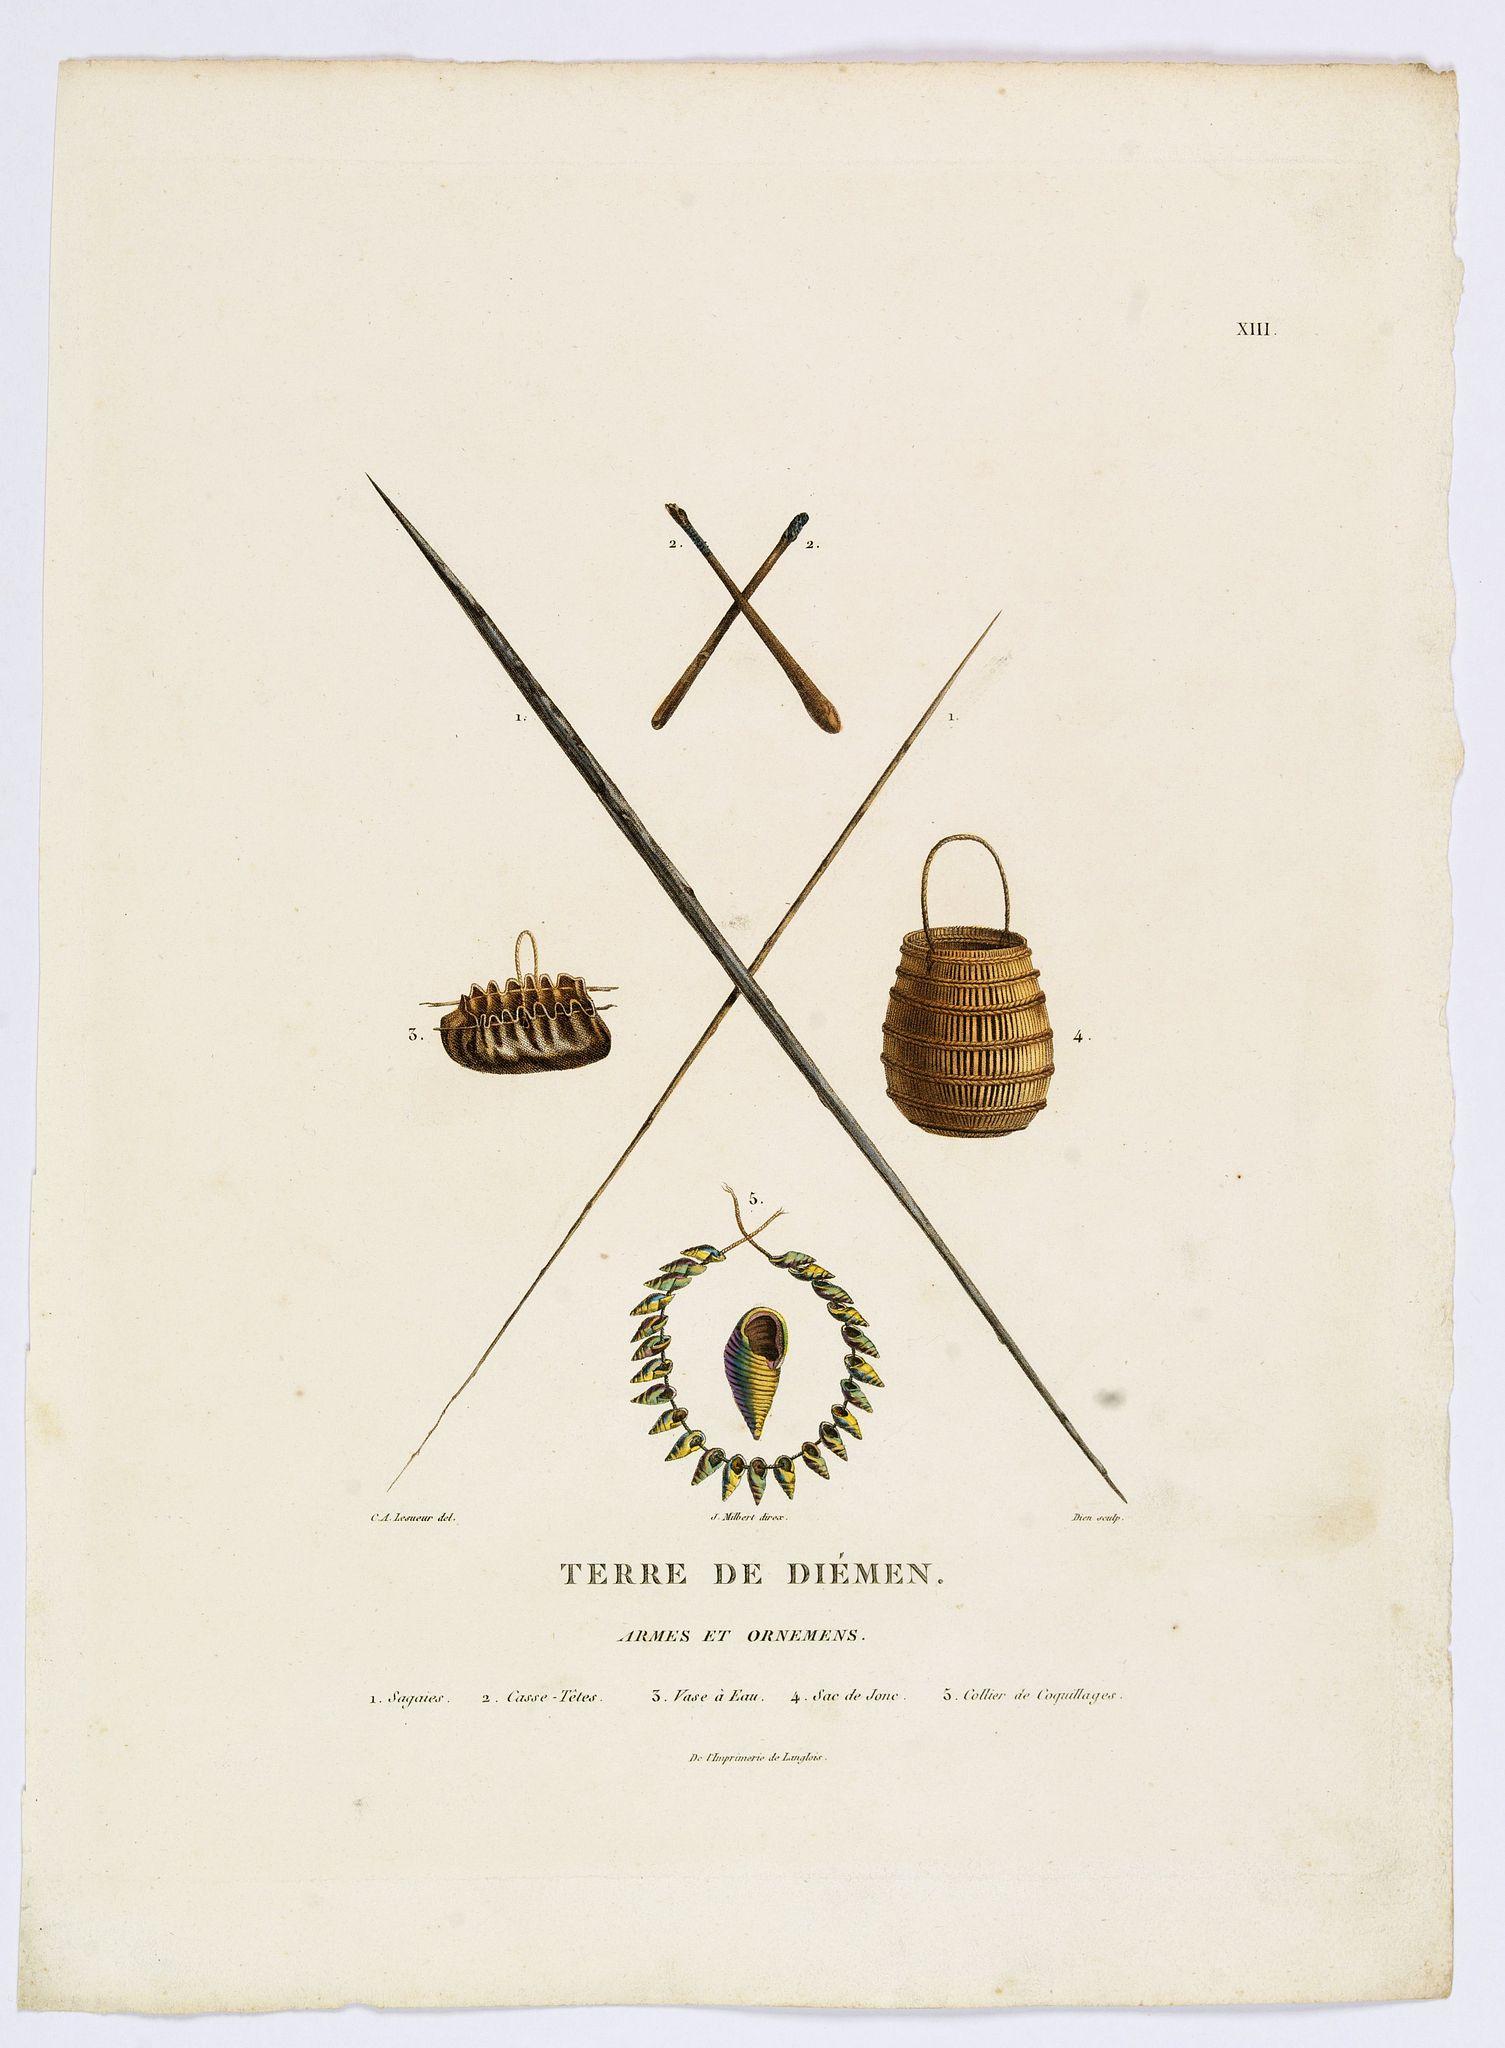 LESUEUR, C-A. / PERON, F. -  Terre de Diemen. Armes et Ornemens [plate XIII]